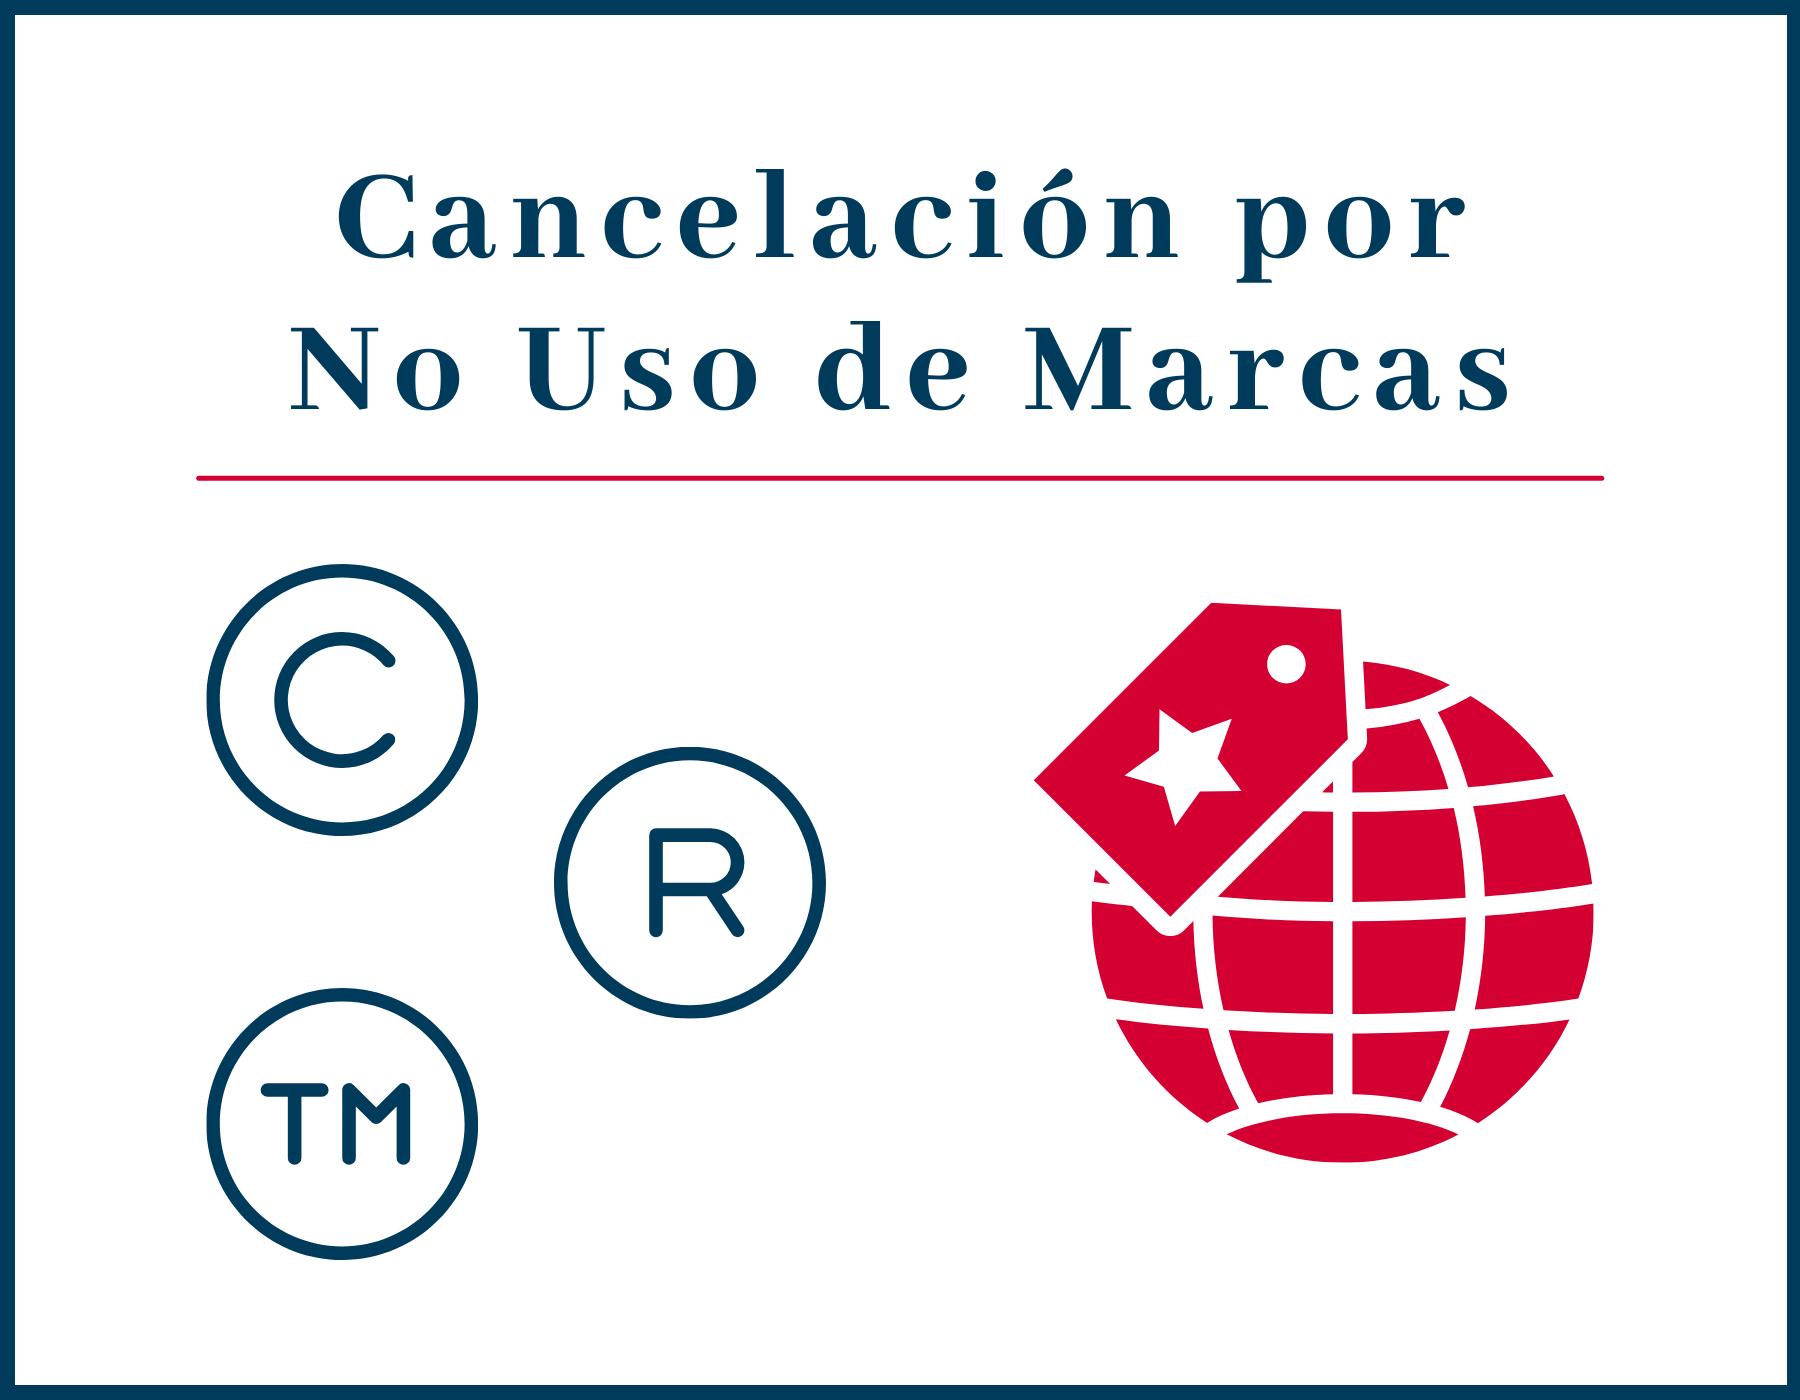 Caducidad o Cancelación por No Uso de Marcas: Una espera que lleva más de siete años